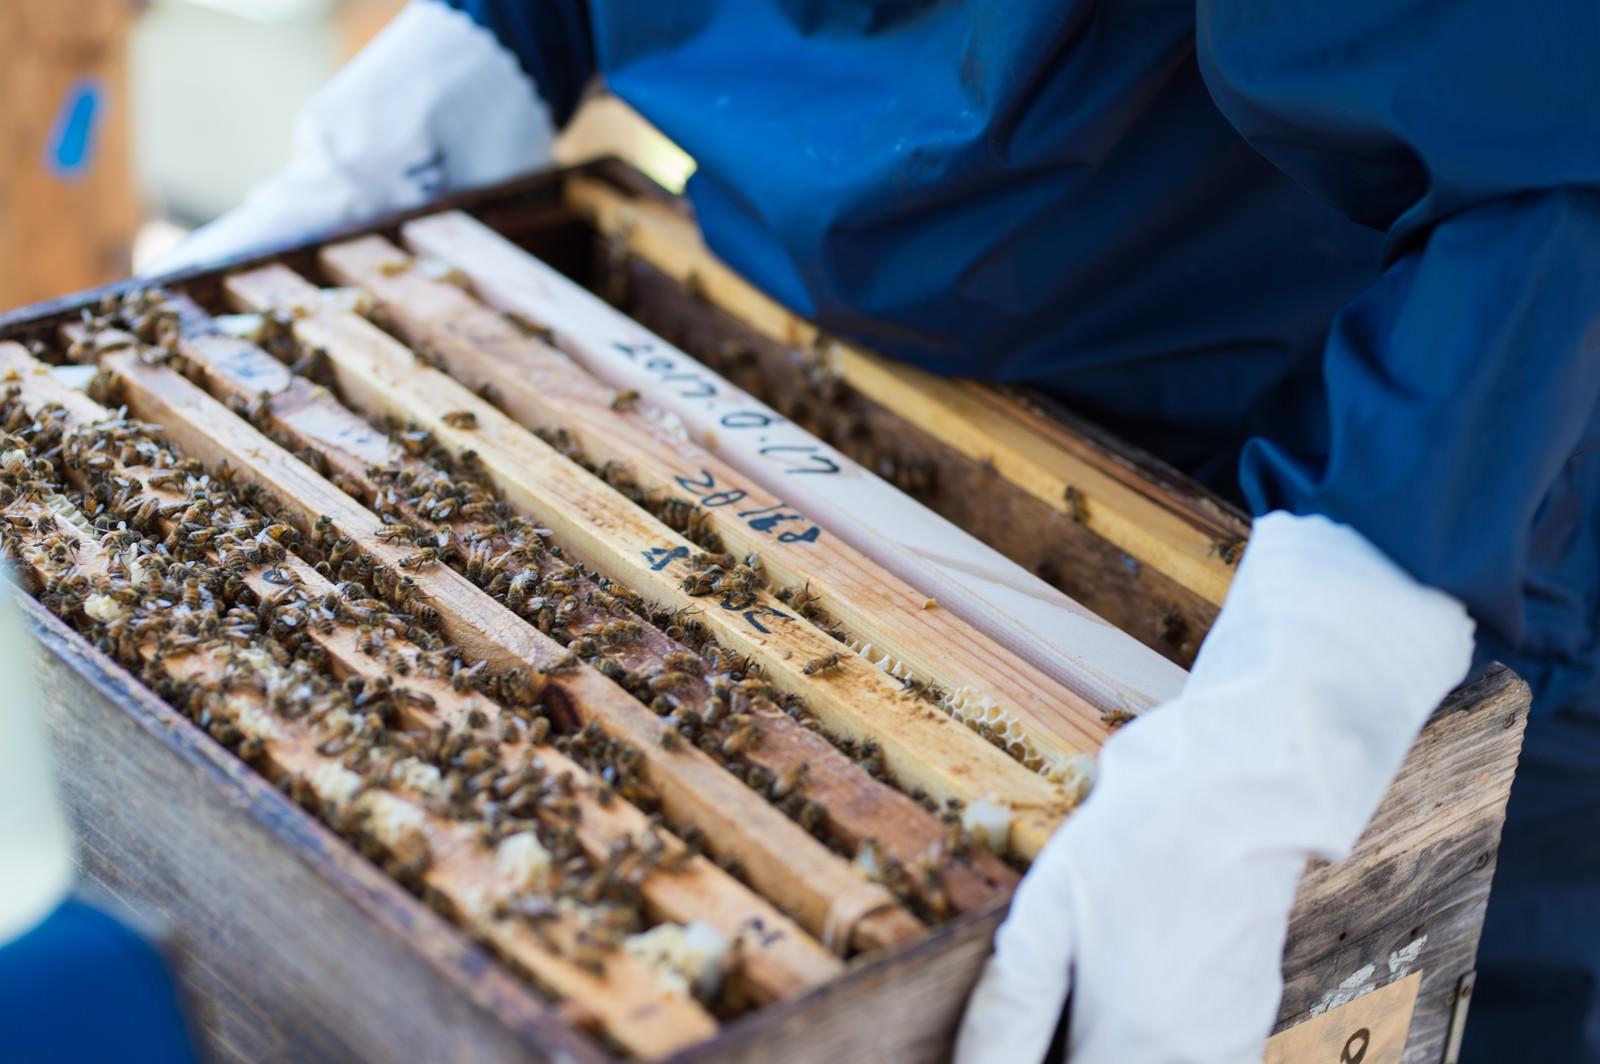 「ミツバチの巣箱の生態チェックを行う管理者」の写真